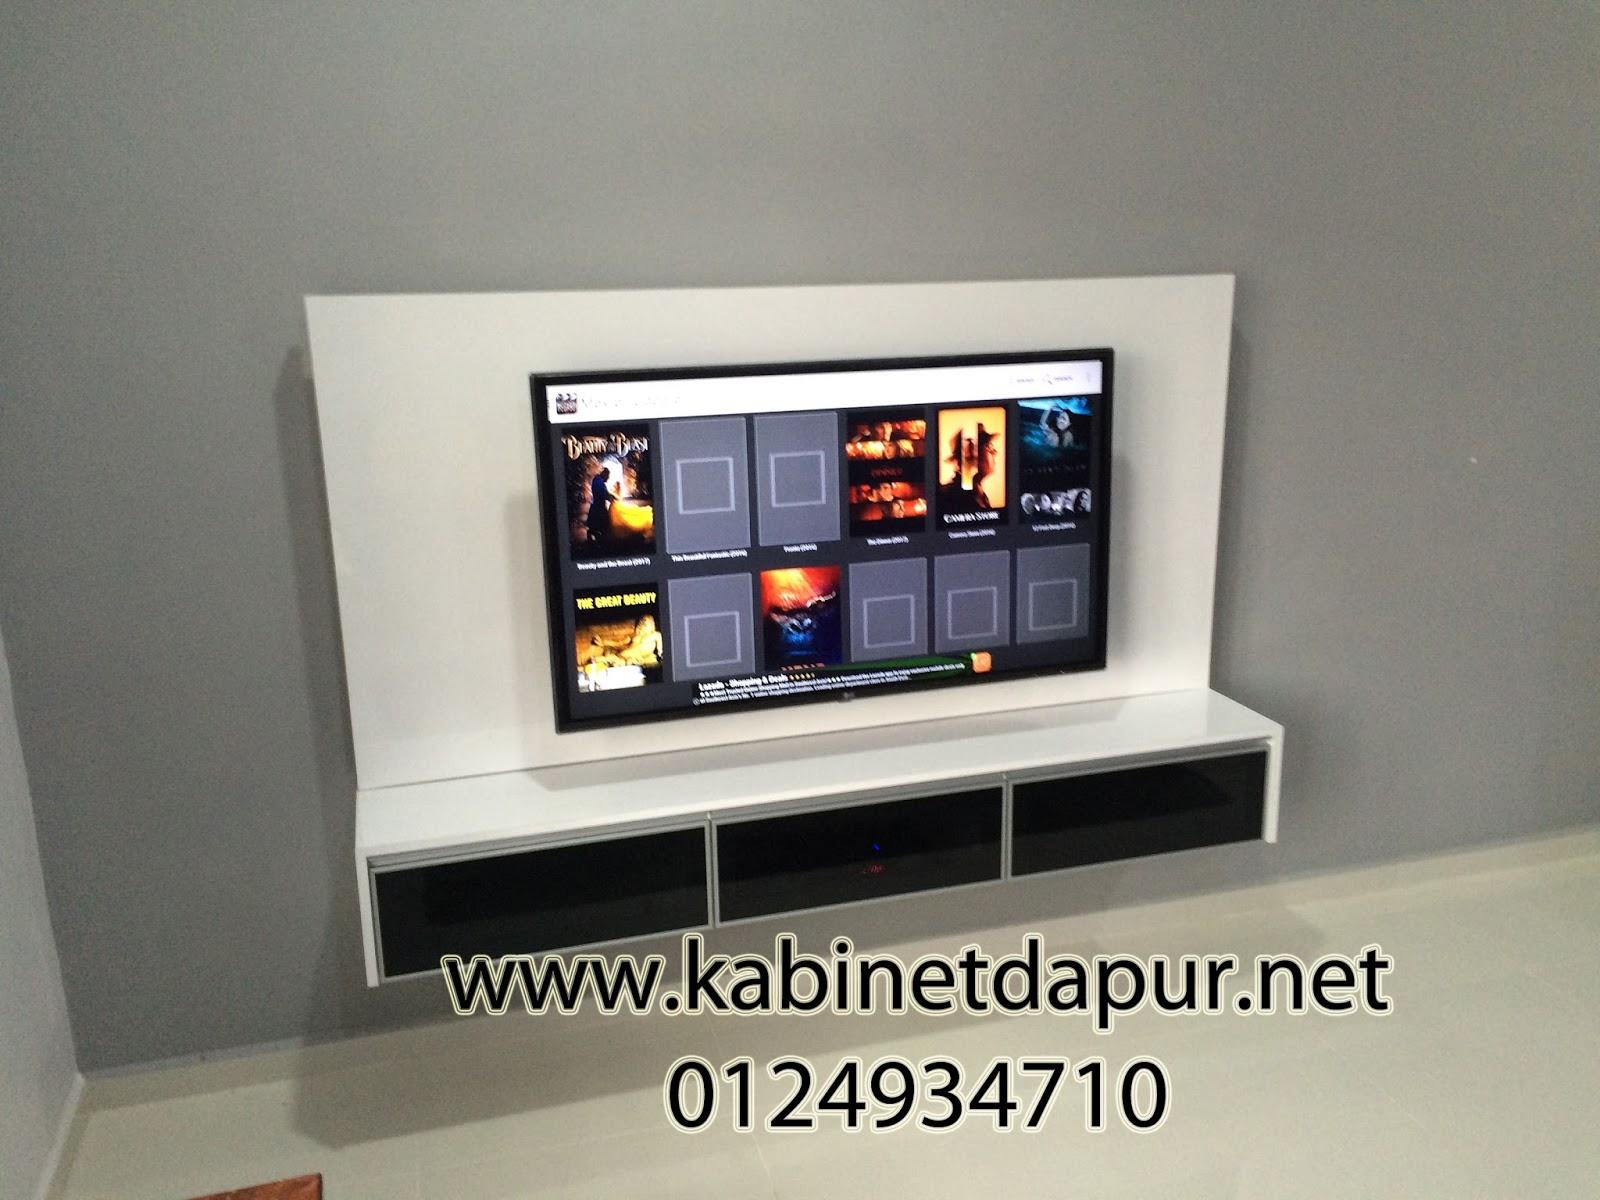 Promosi Kabinet Tv Terbaru Simple Dan Harga Mampu Milik Dapur Alor Setar